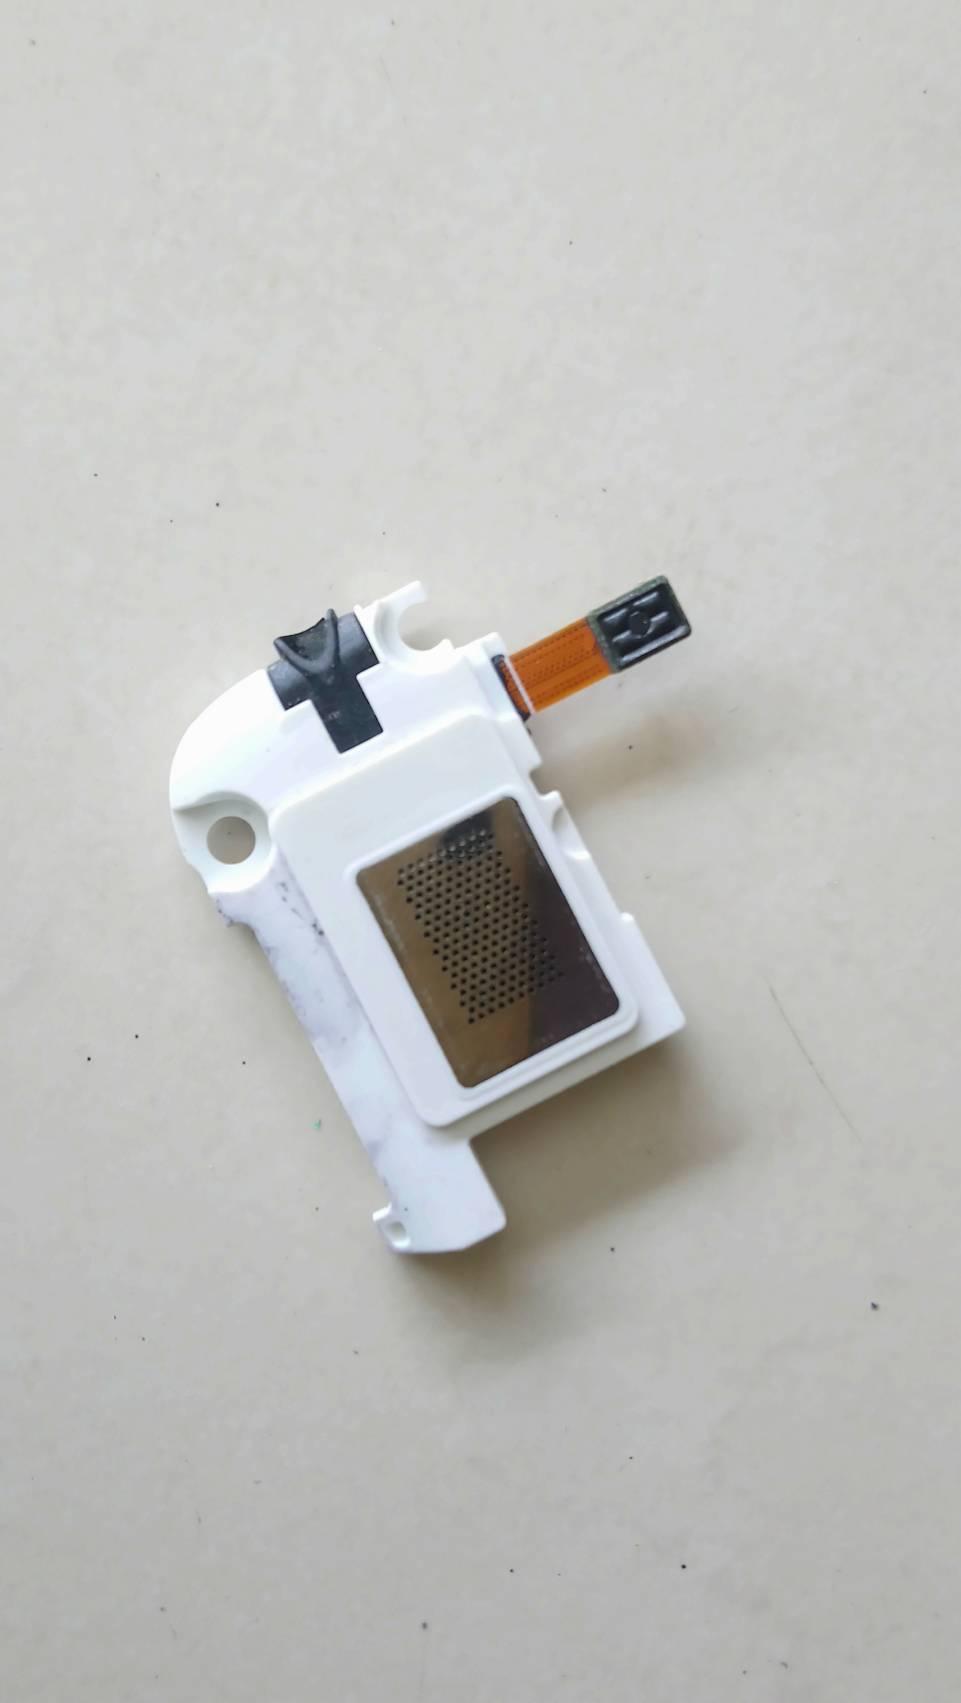 ลำโพงกระดิ่ง SAMSUNG ACE3 GT-S7270 มือสอง